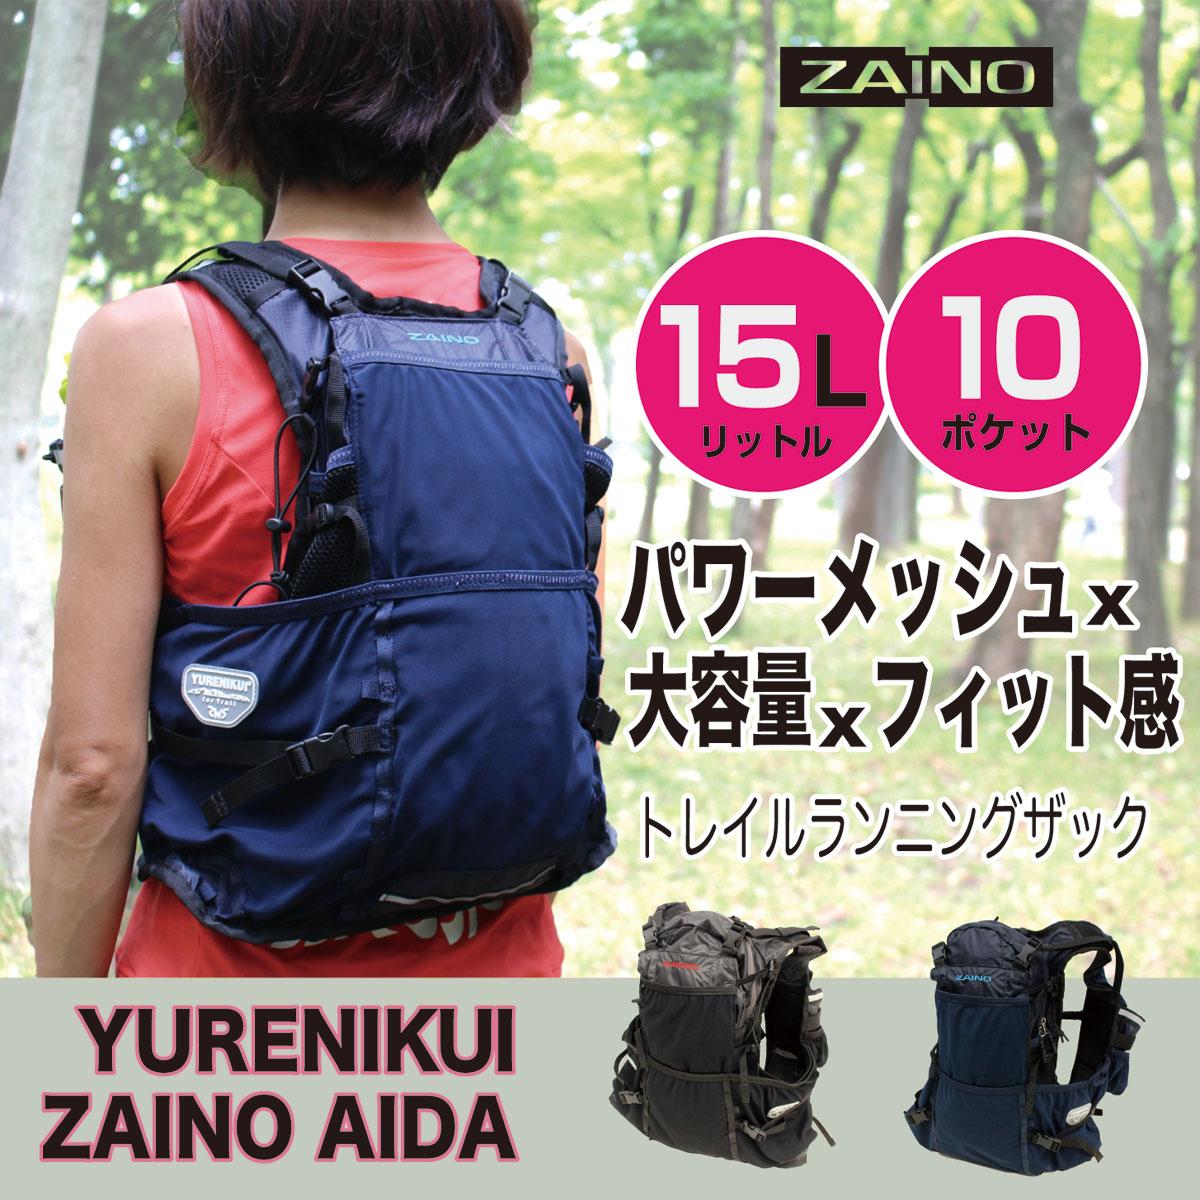 ウィメンズYURENIKUI ZAINO AIDA 女性用ザイノアイダ 15L 【ユレニクイ ランニング トレイルランニング】